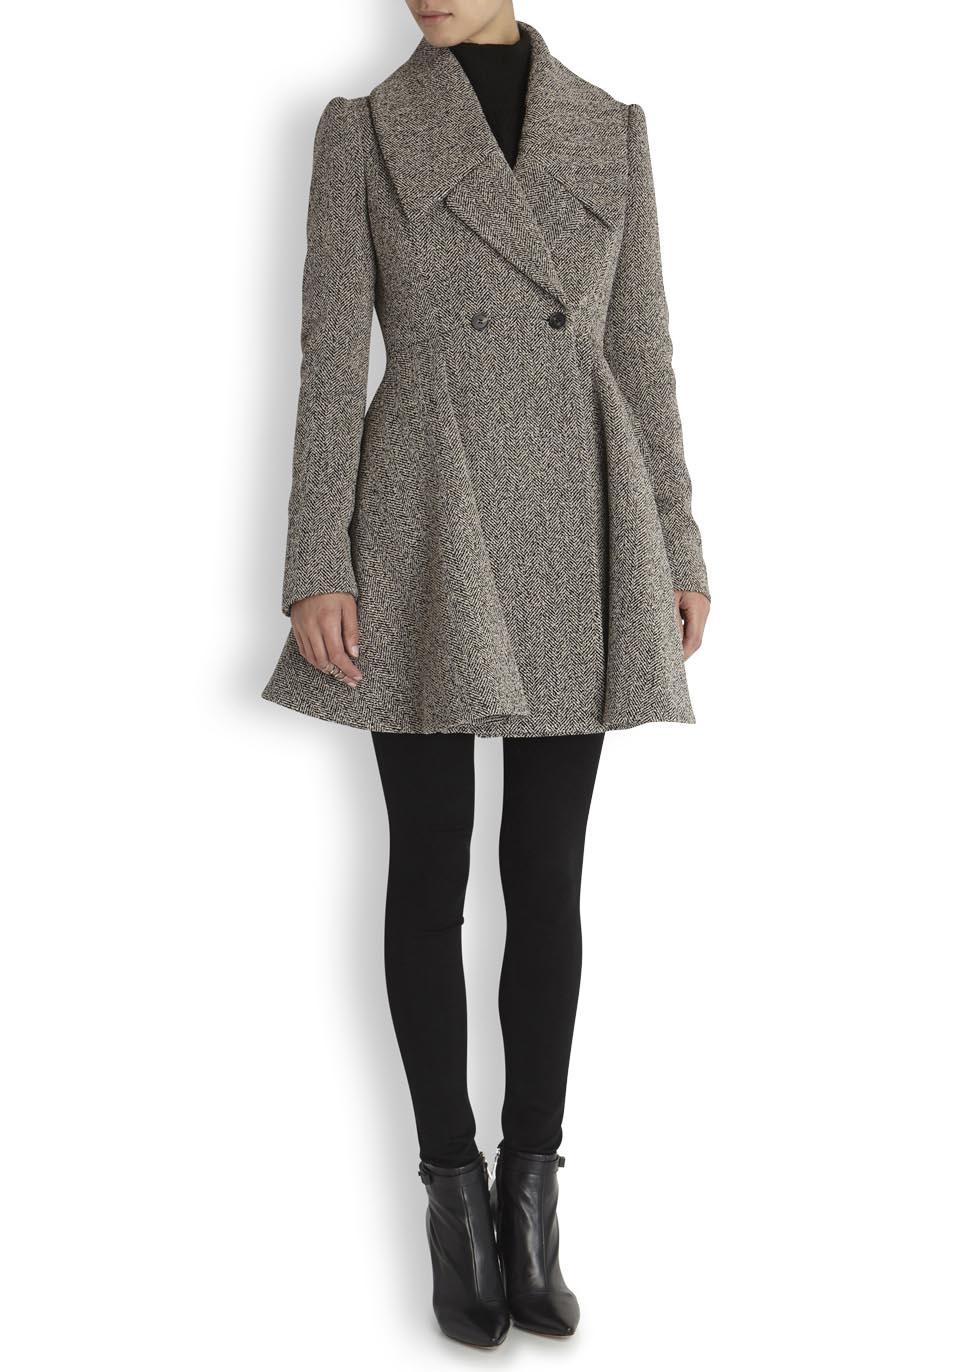 Alexander mcqueen grey herringbone wool blend coat